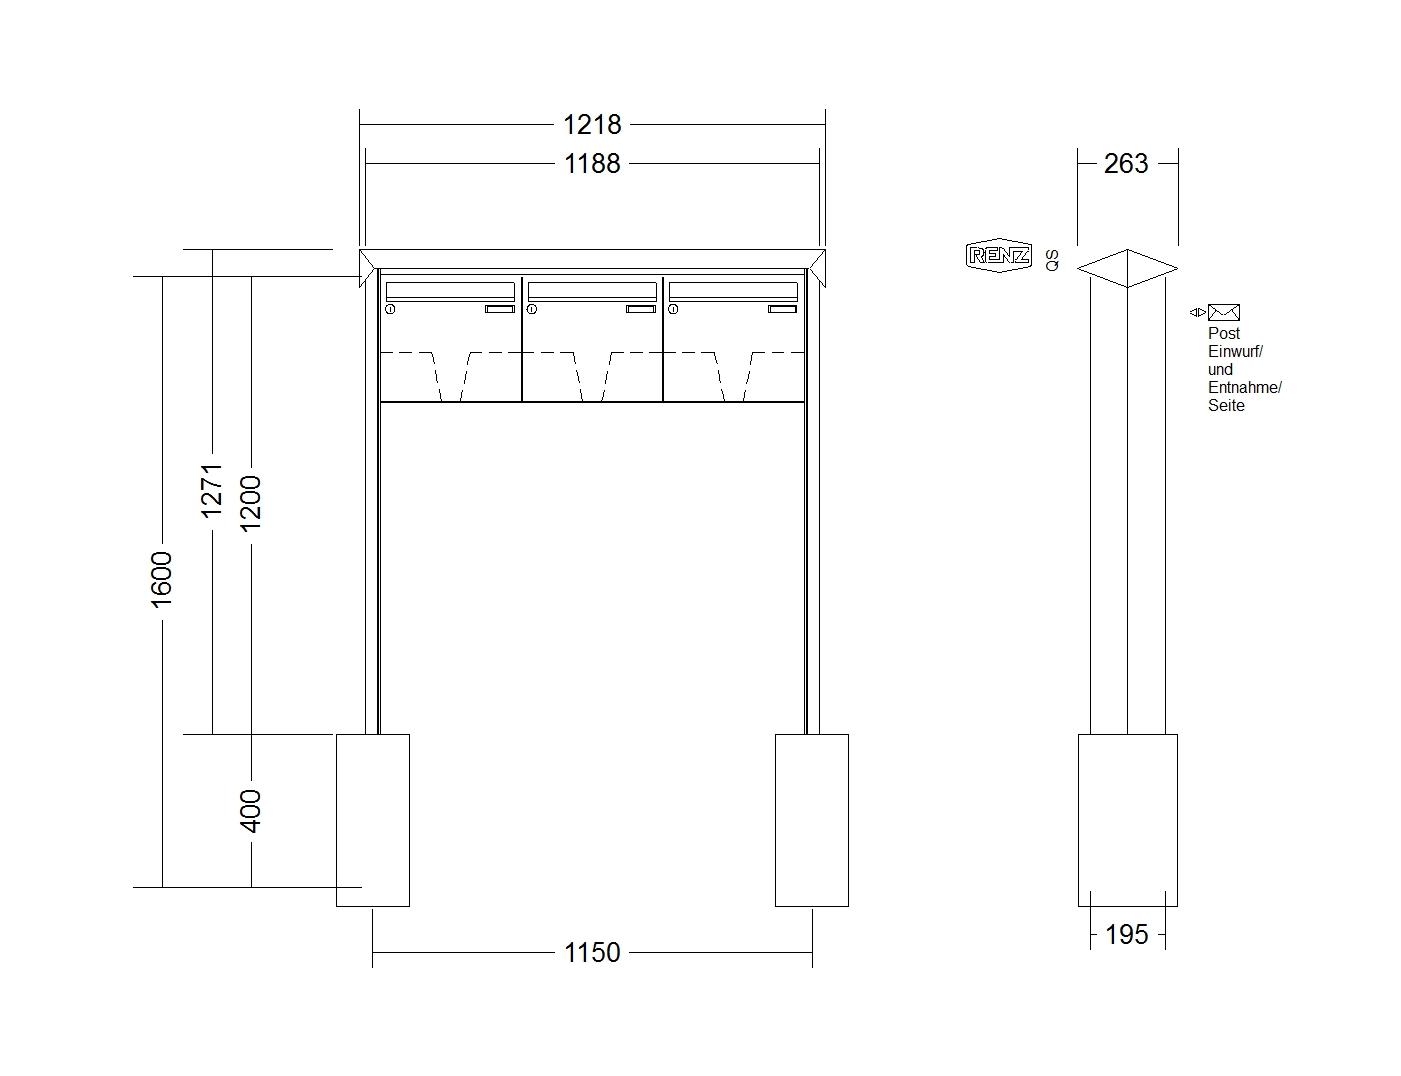 Renz Briefkastenanlage Freistehend Prisma Edelstahl V4a Kastenformat 370x330x145mm 3 Teilig Zum Einbetonieren Renz Nummer 10 0 10363